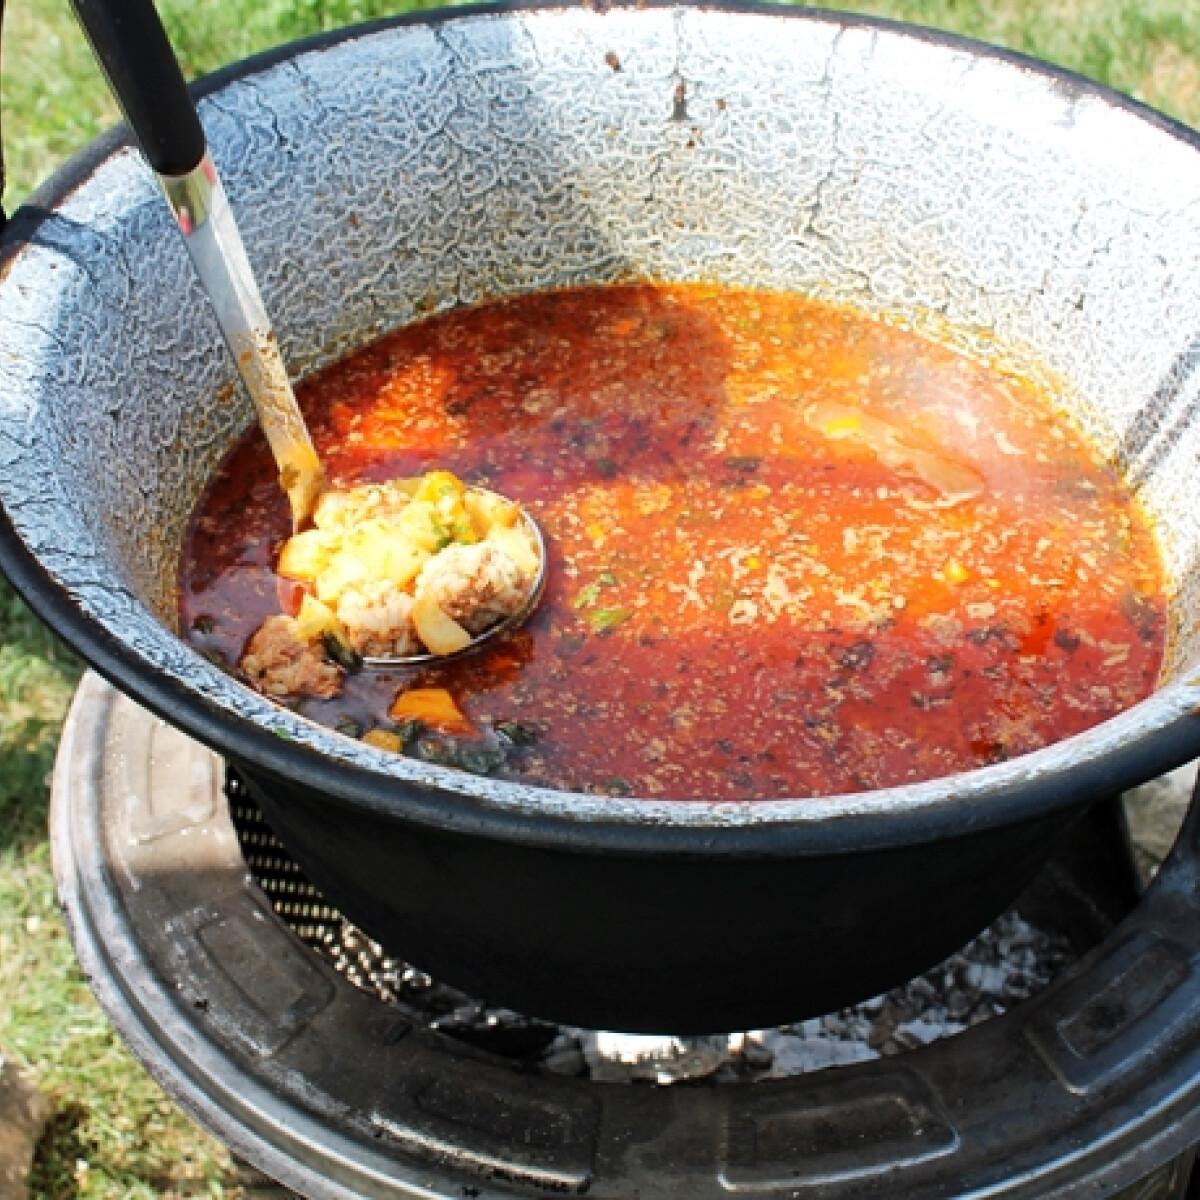 Csorba leves rizsgombóccal bográcsban